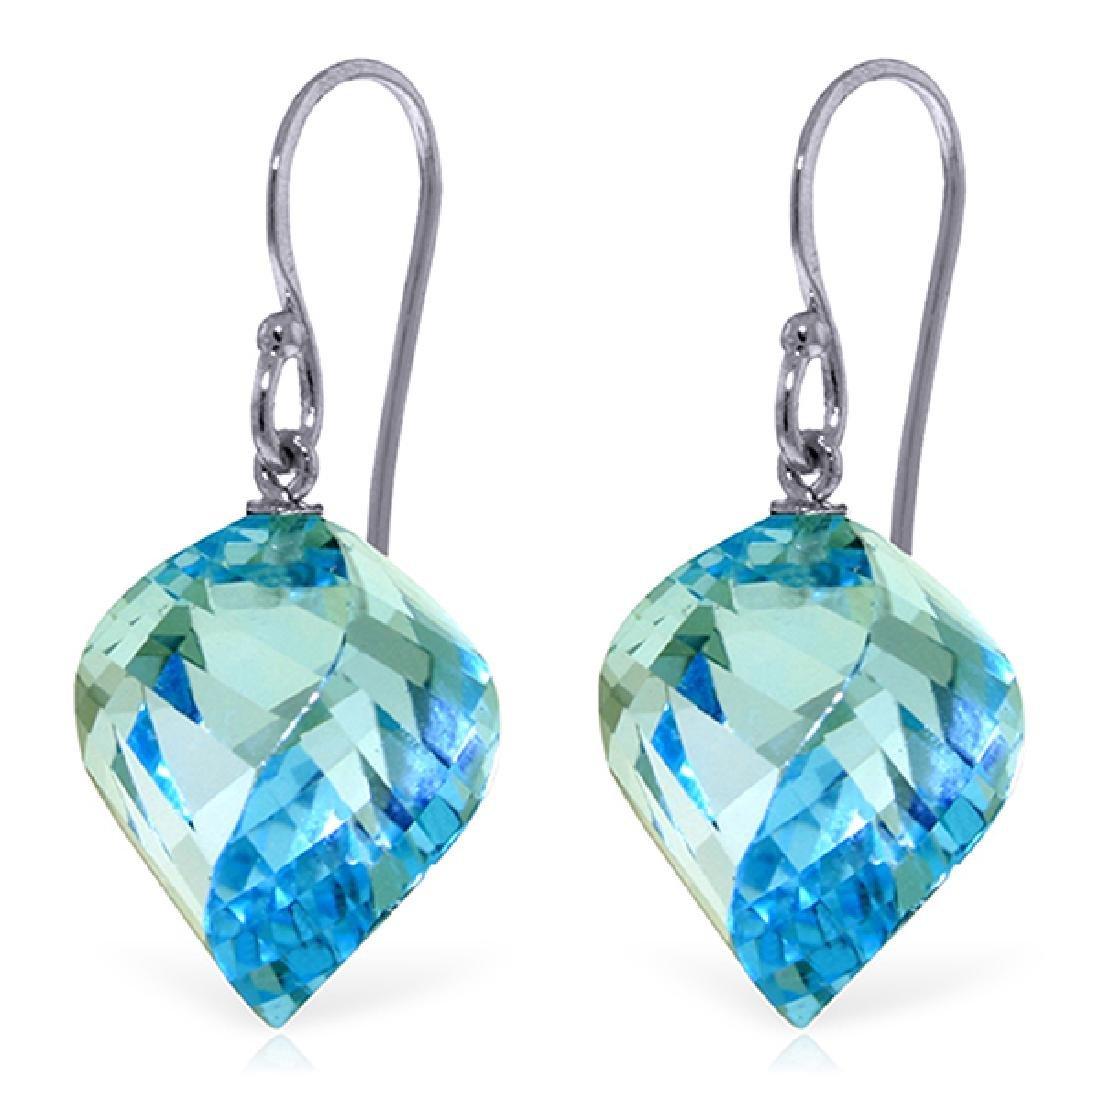 Genuine 27.8 ctw Blue Topaz Earrings Jewelry 14KT White